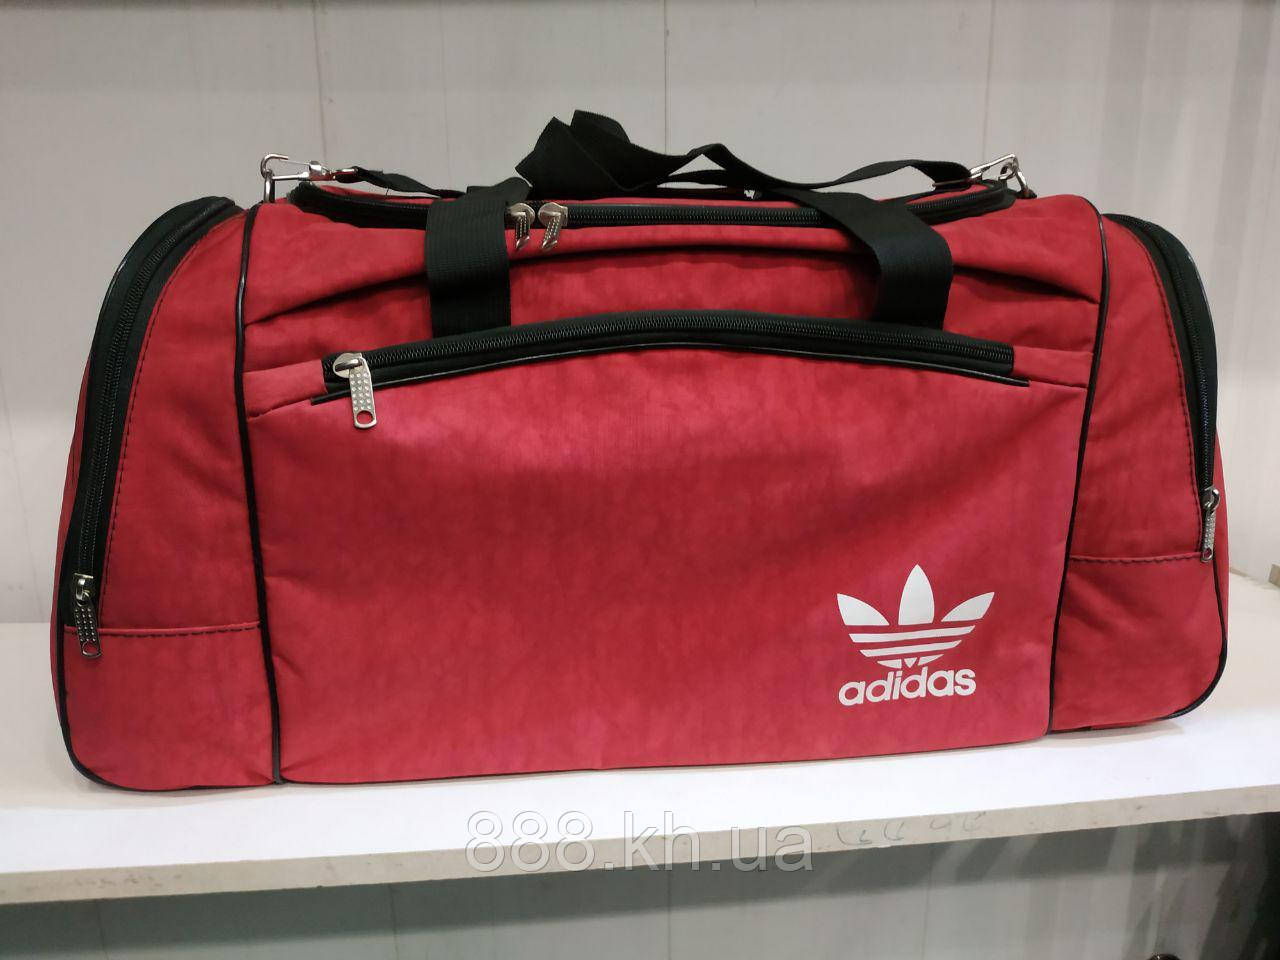 Дорожная универсальная сумка Adidas, сумка для поездок, дорожная сумка (красный), фото 1